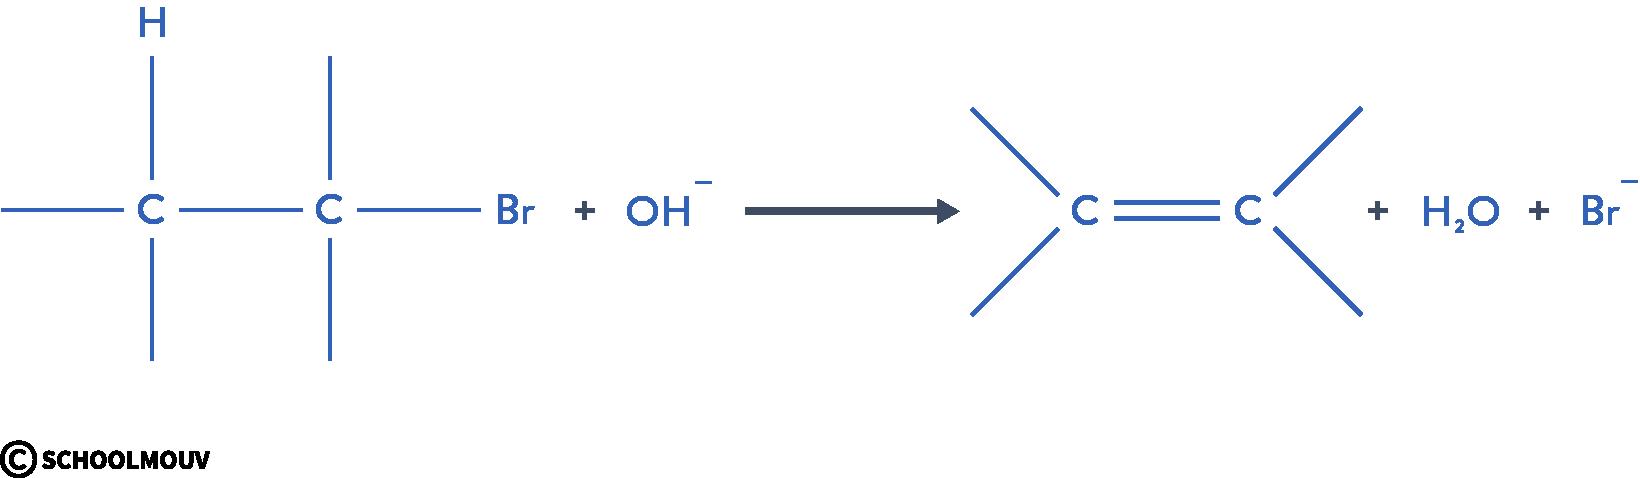 stratégie et sélectivité en chimie organique Réaction d'élimination terminale physique chimie schoolmouv